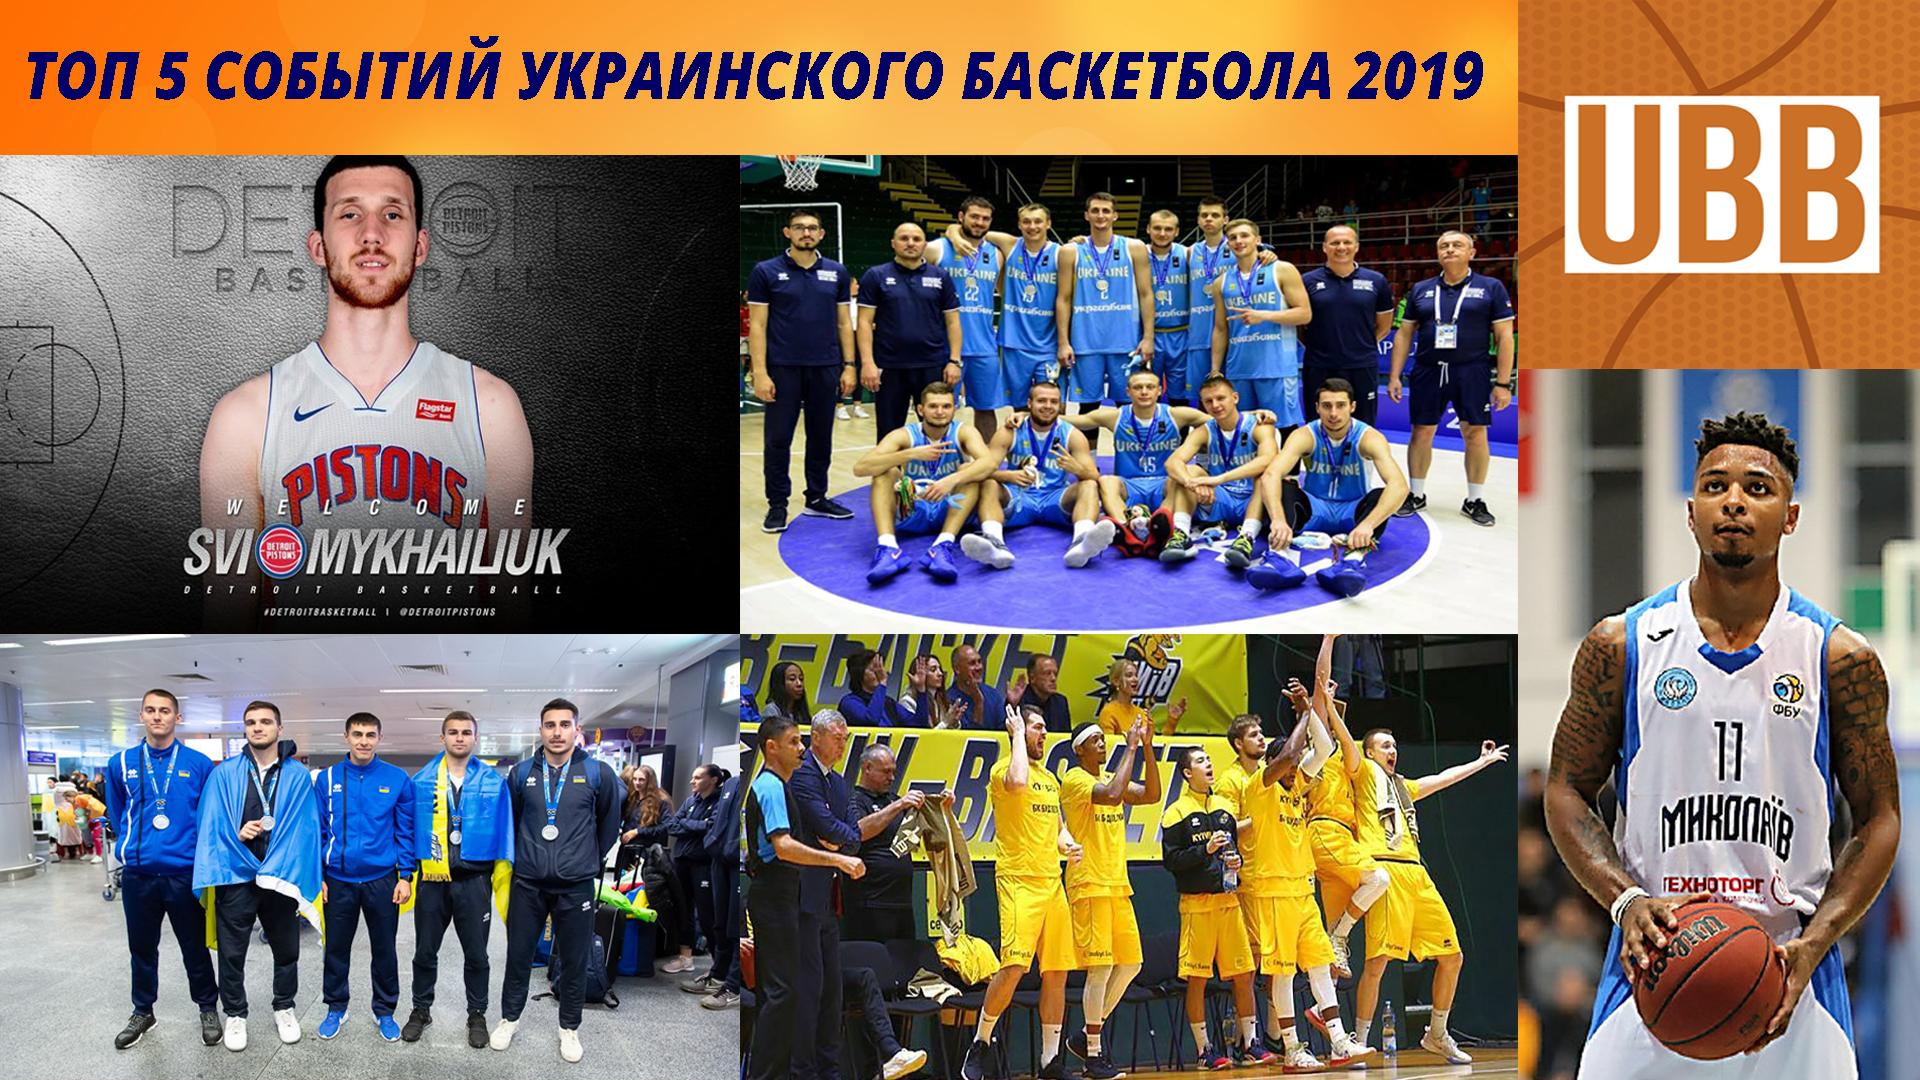 Топ 5 Событий Украинского Баскетбола 2019